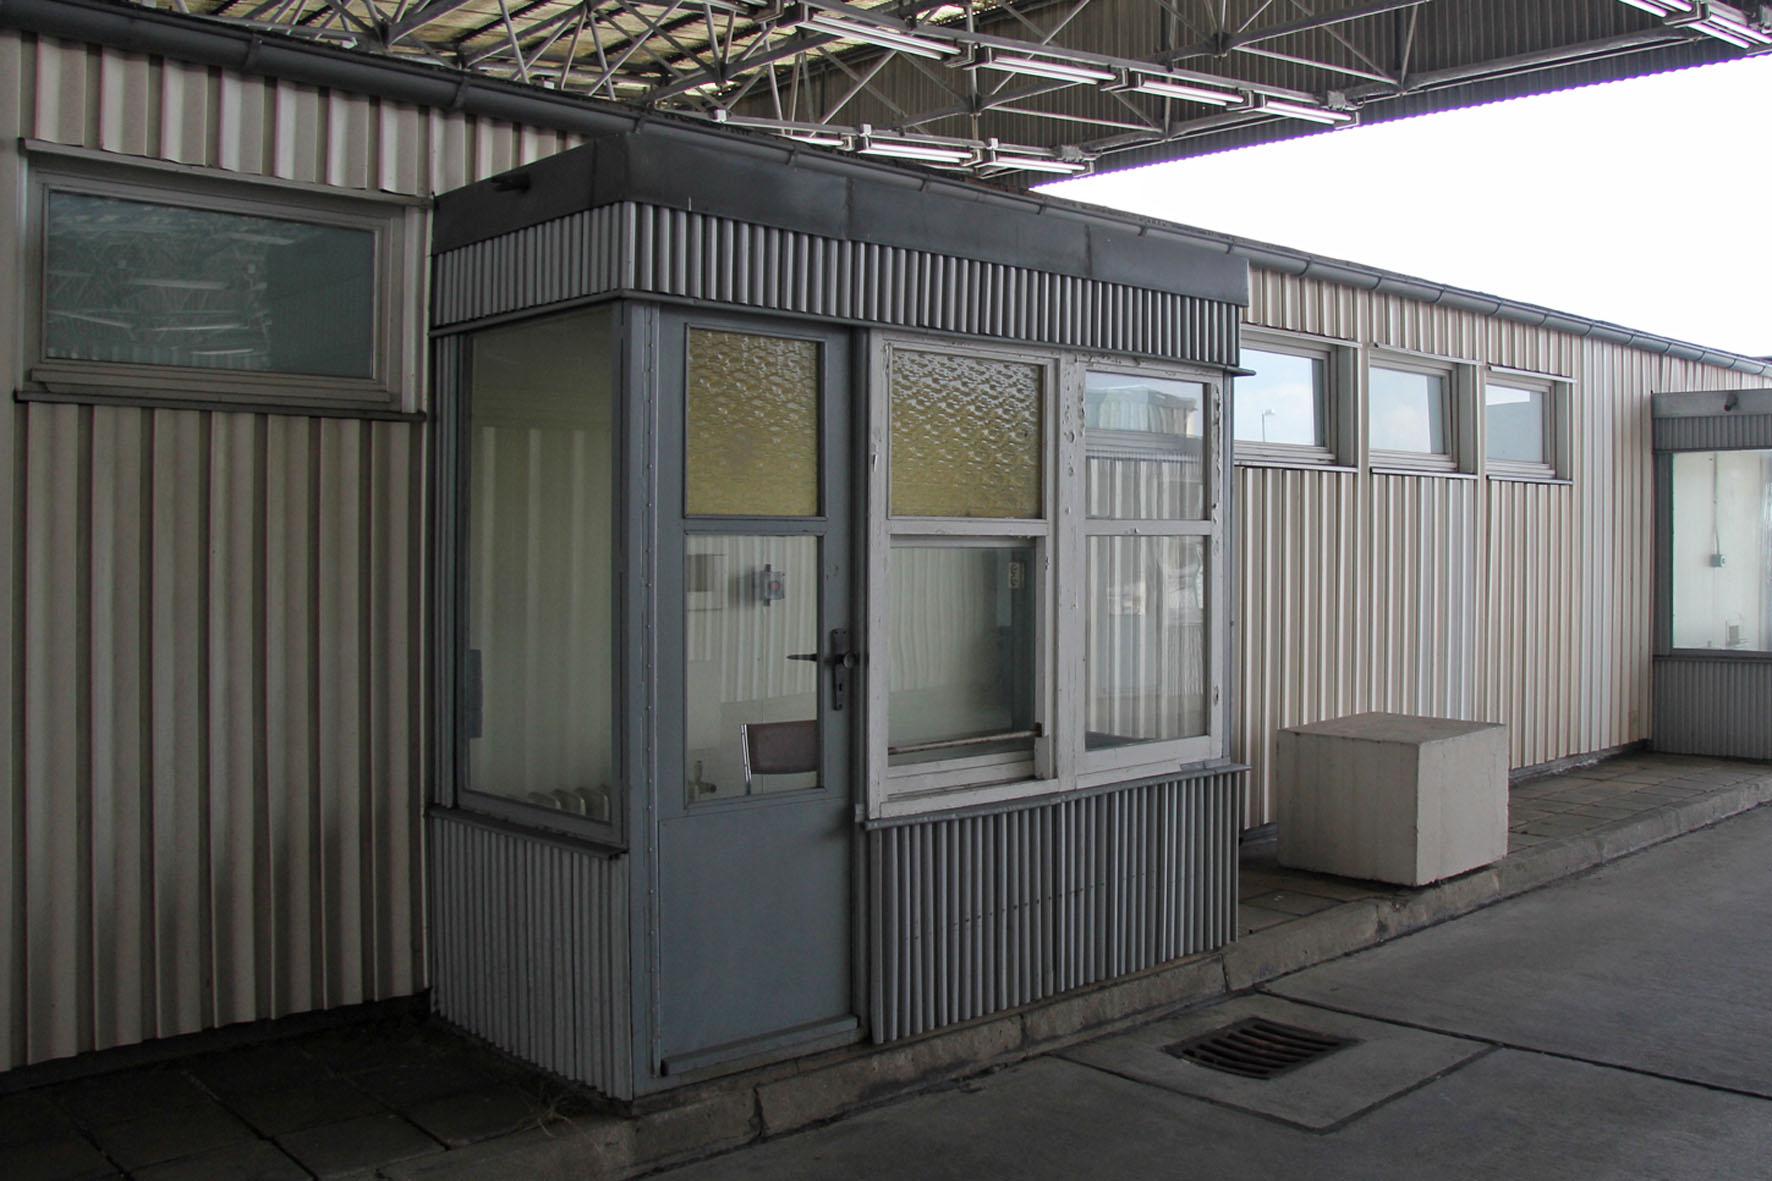 Die Passkontrolle an der Gedenkstätte Deutsche Teilung Marienborn am Checkpoint Alpha